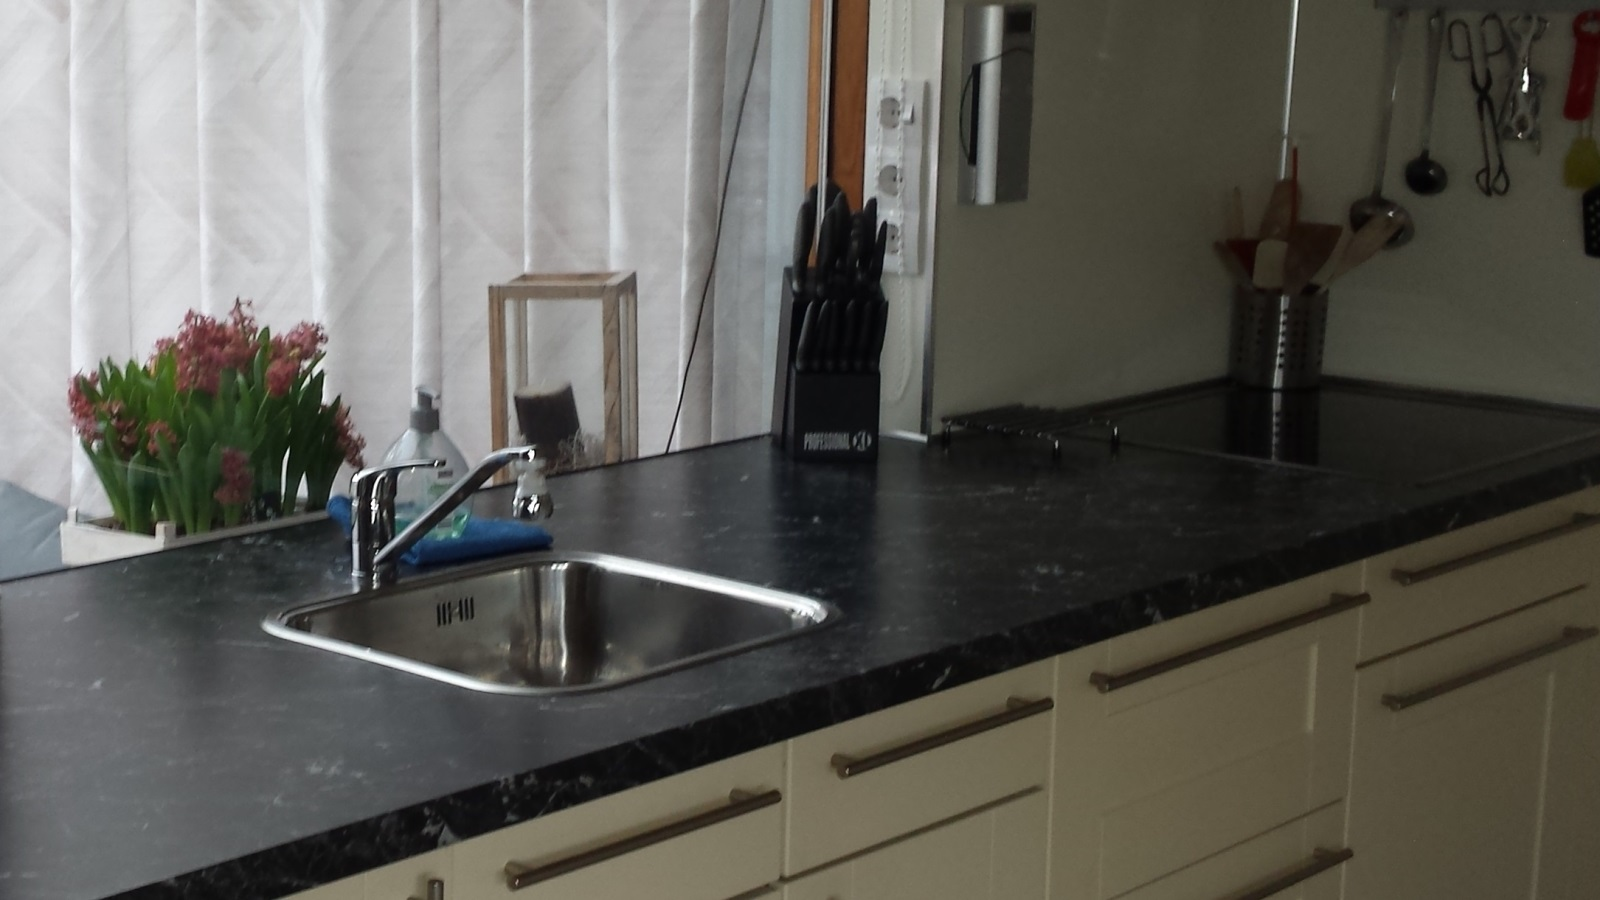 Marmer Zwart Keuken : Zwarte keuken met marmeren blad u informatie over de keuken